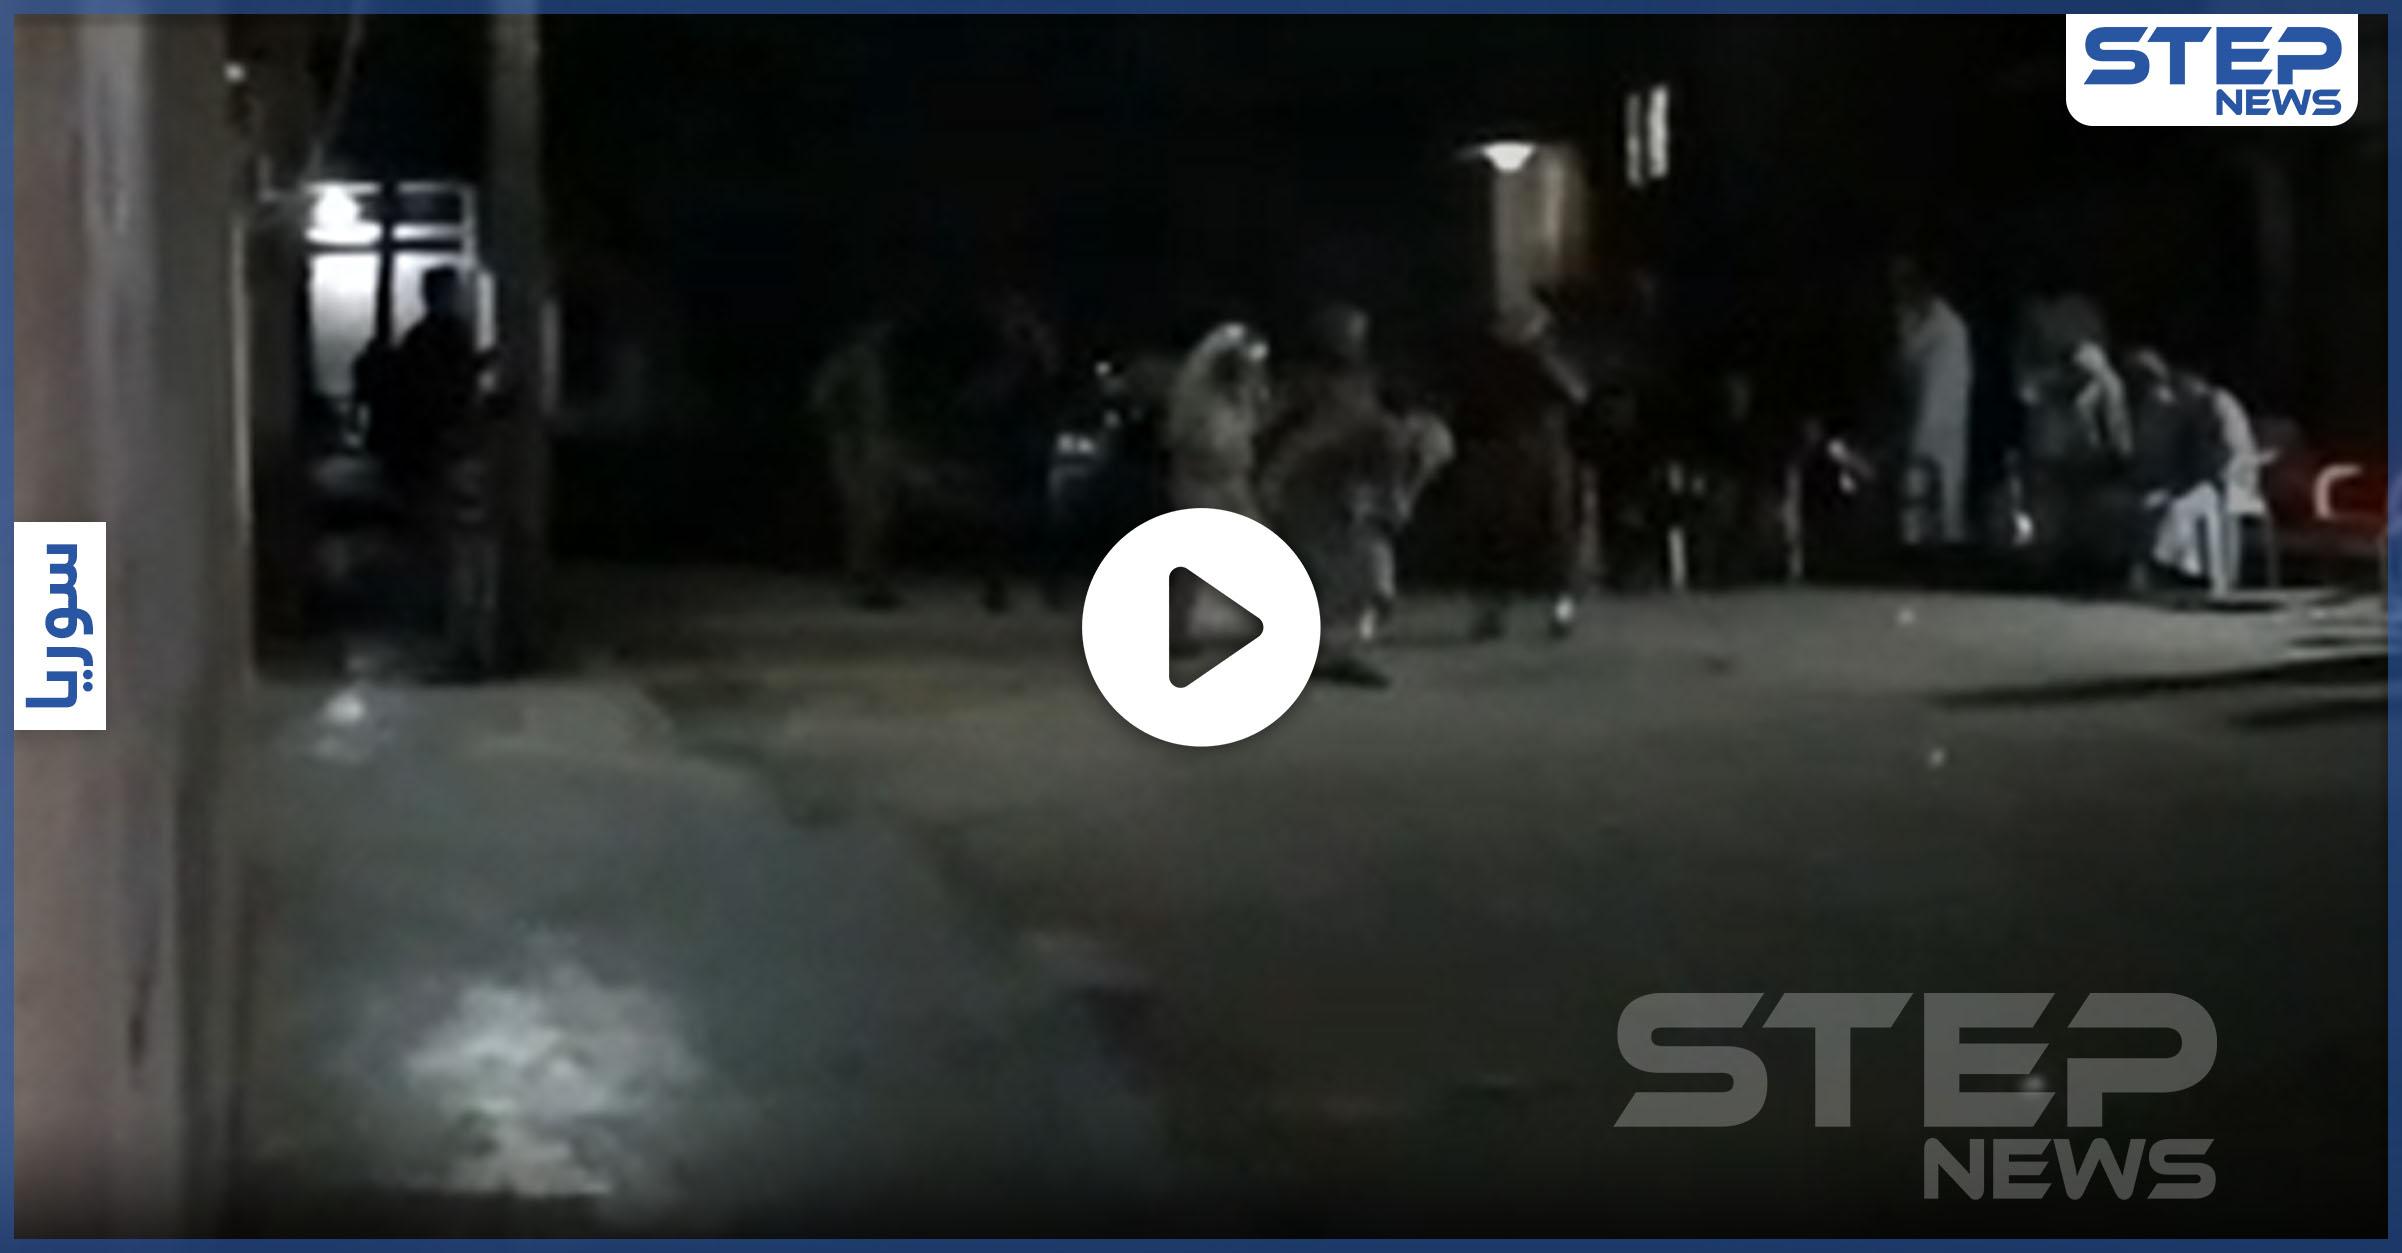 مجهولون يرمون قنبلة يدوية وسط عرس شعبي في مدينة رأس العين شمال الحسكة